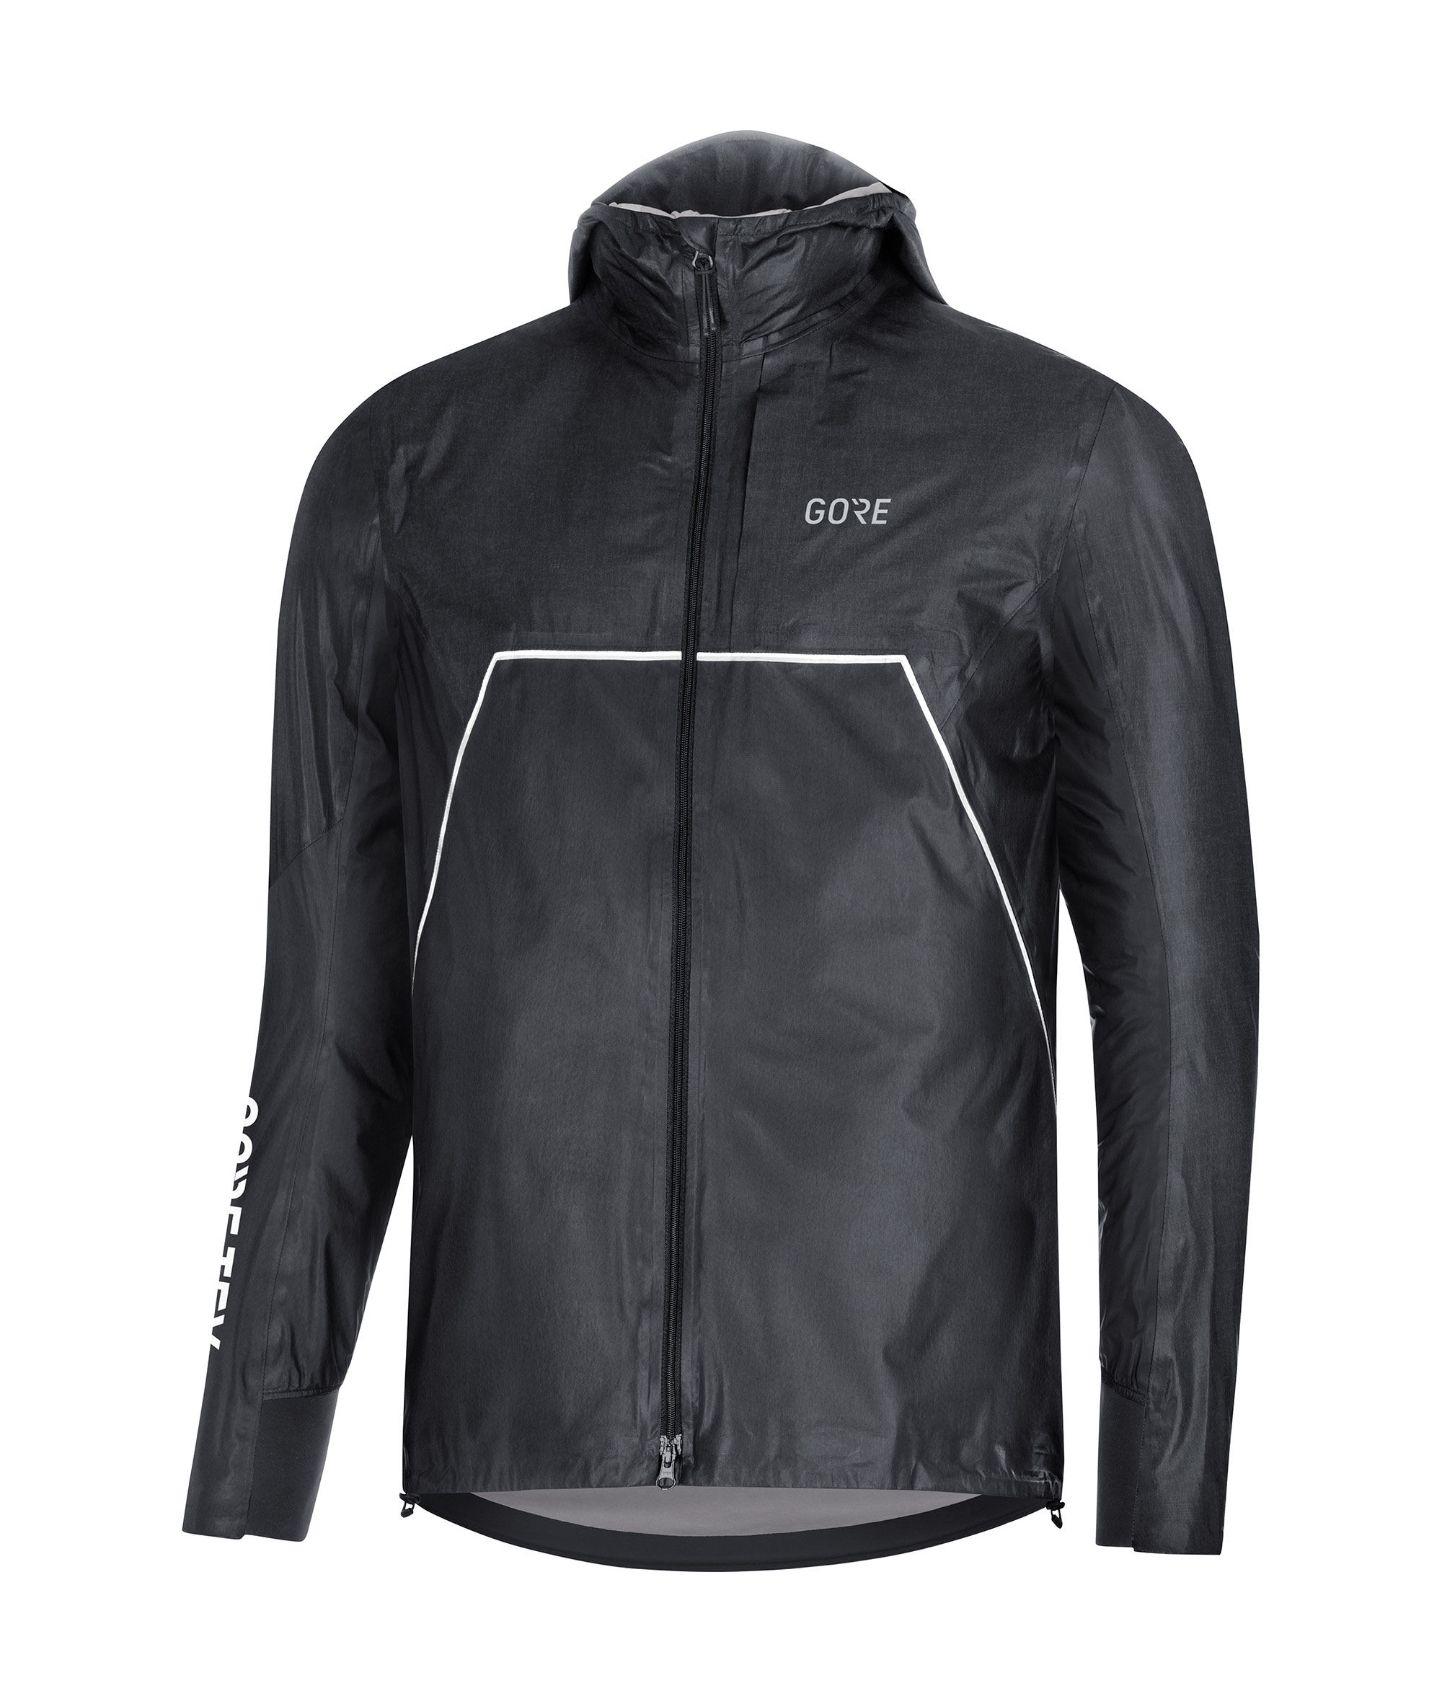 Gore Wear R7 GTX SD Trail HD Jacke SHAKEDRY Regenjacke